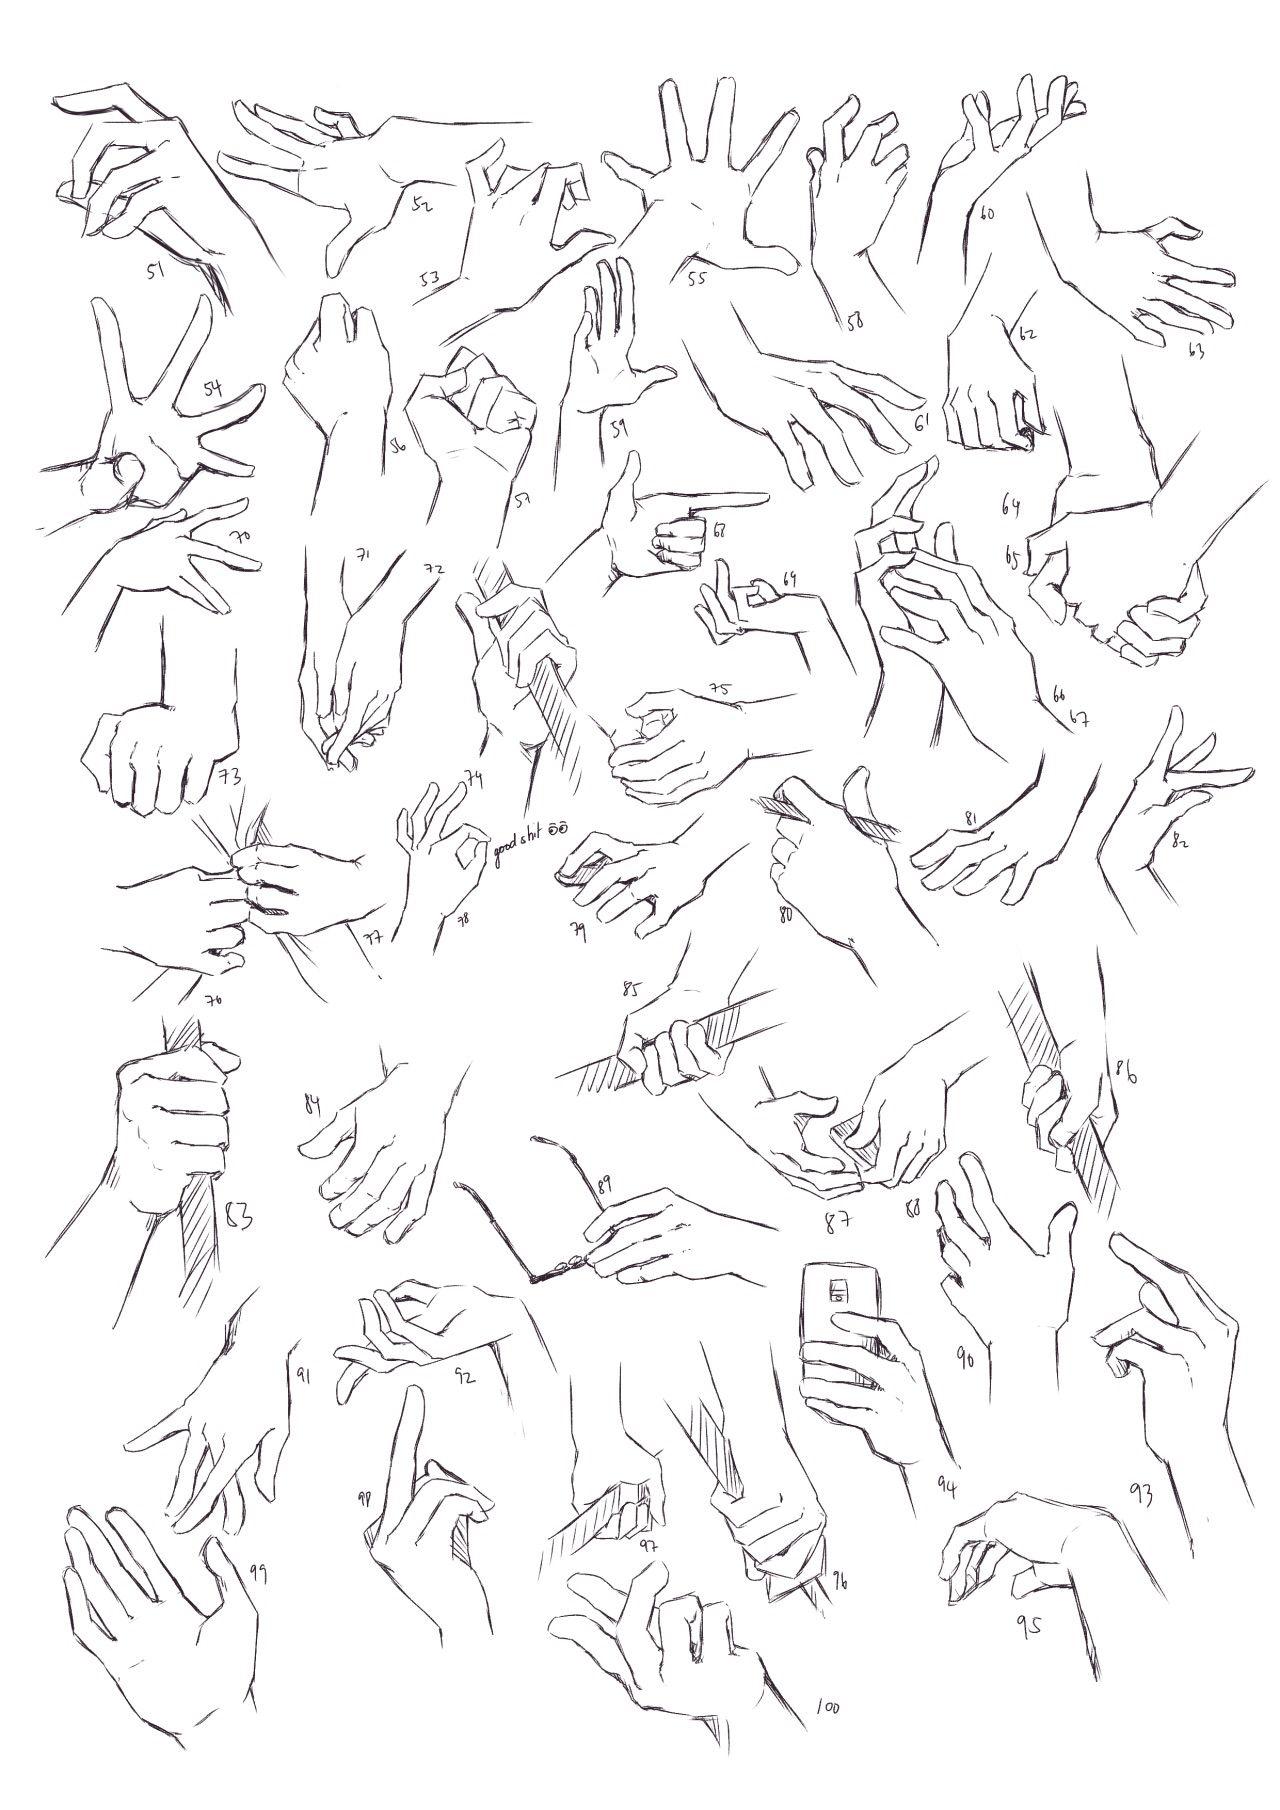 Pin de Vivian Lim en Art - Human Anatomy | Pinterest | Dibujo ...